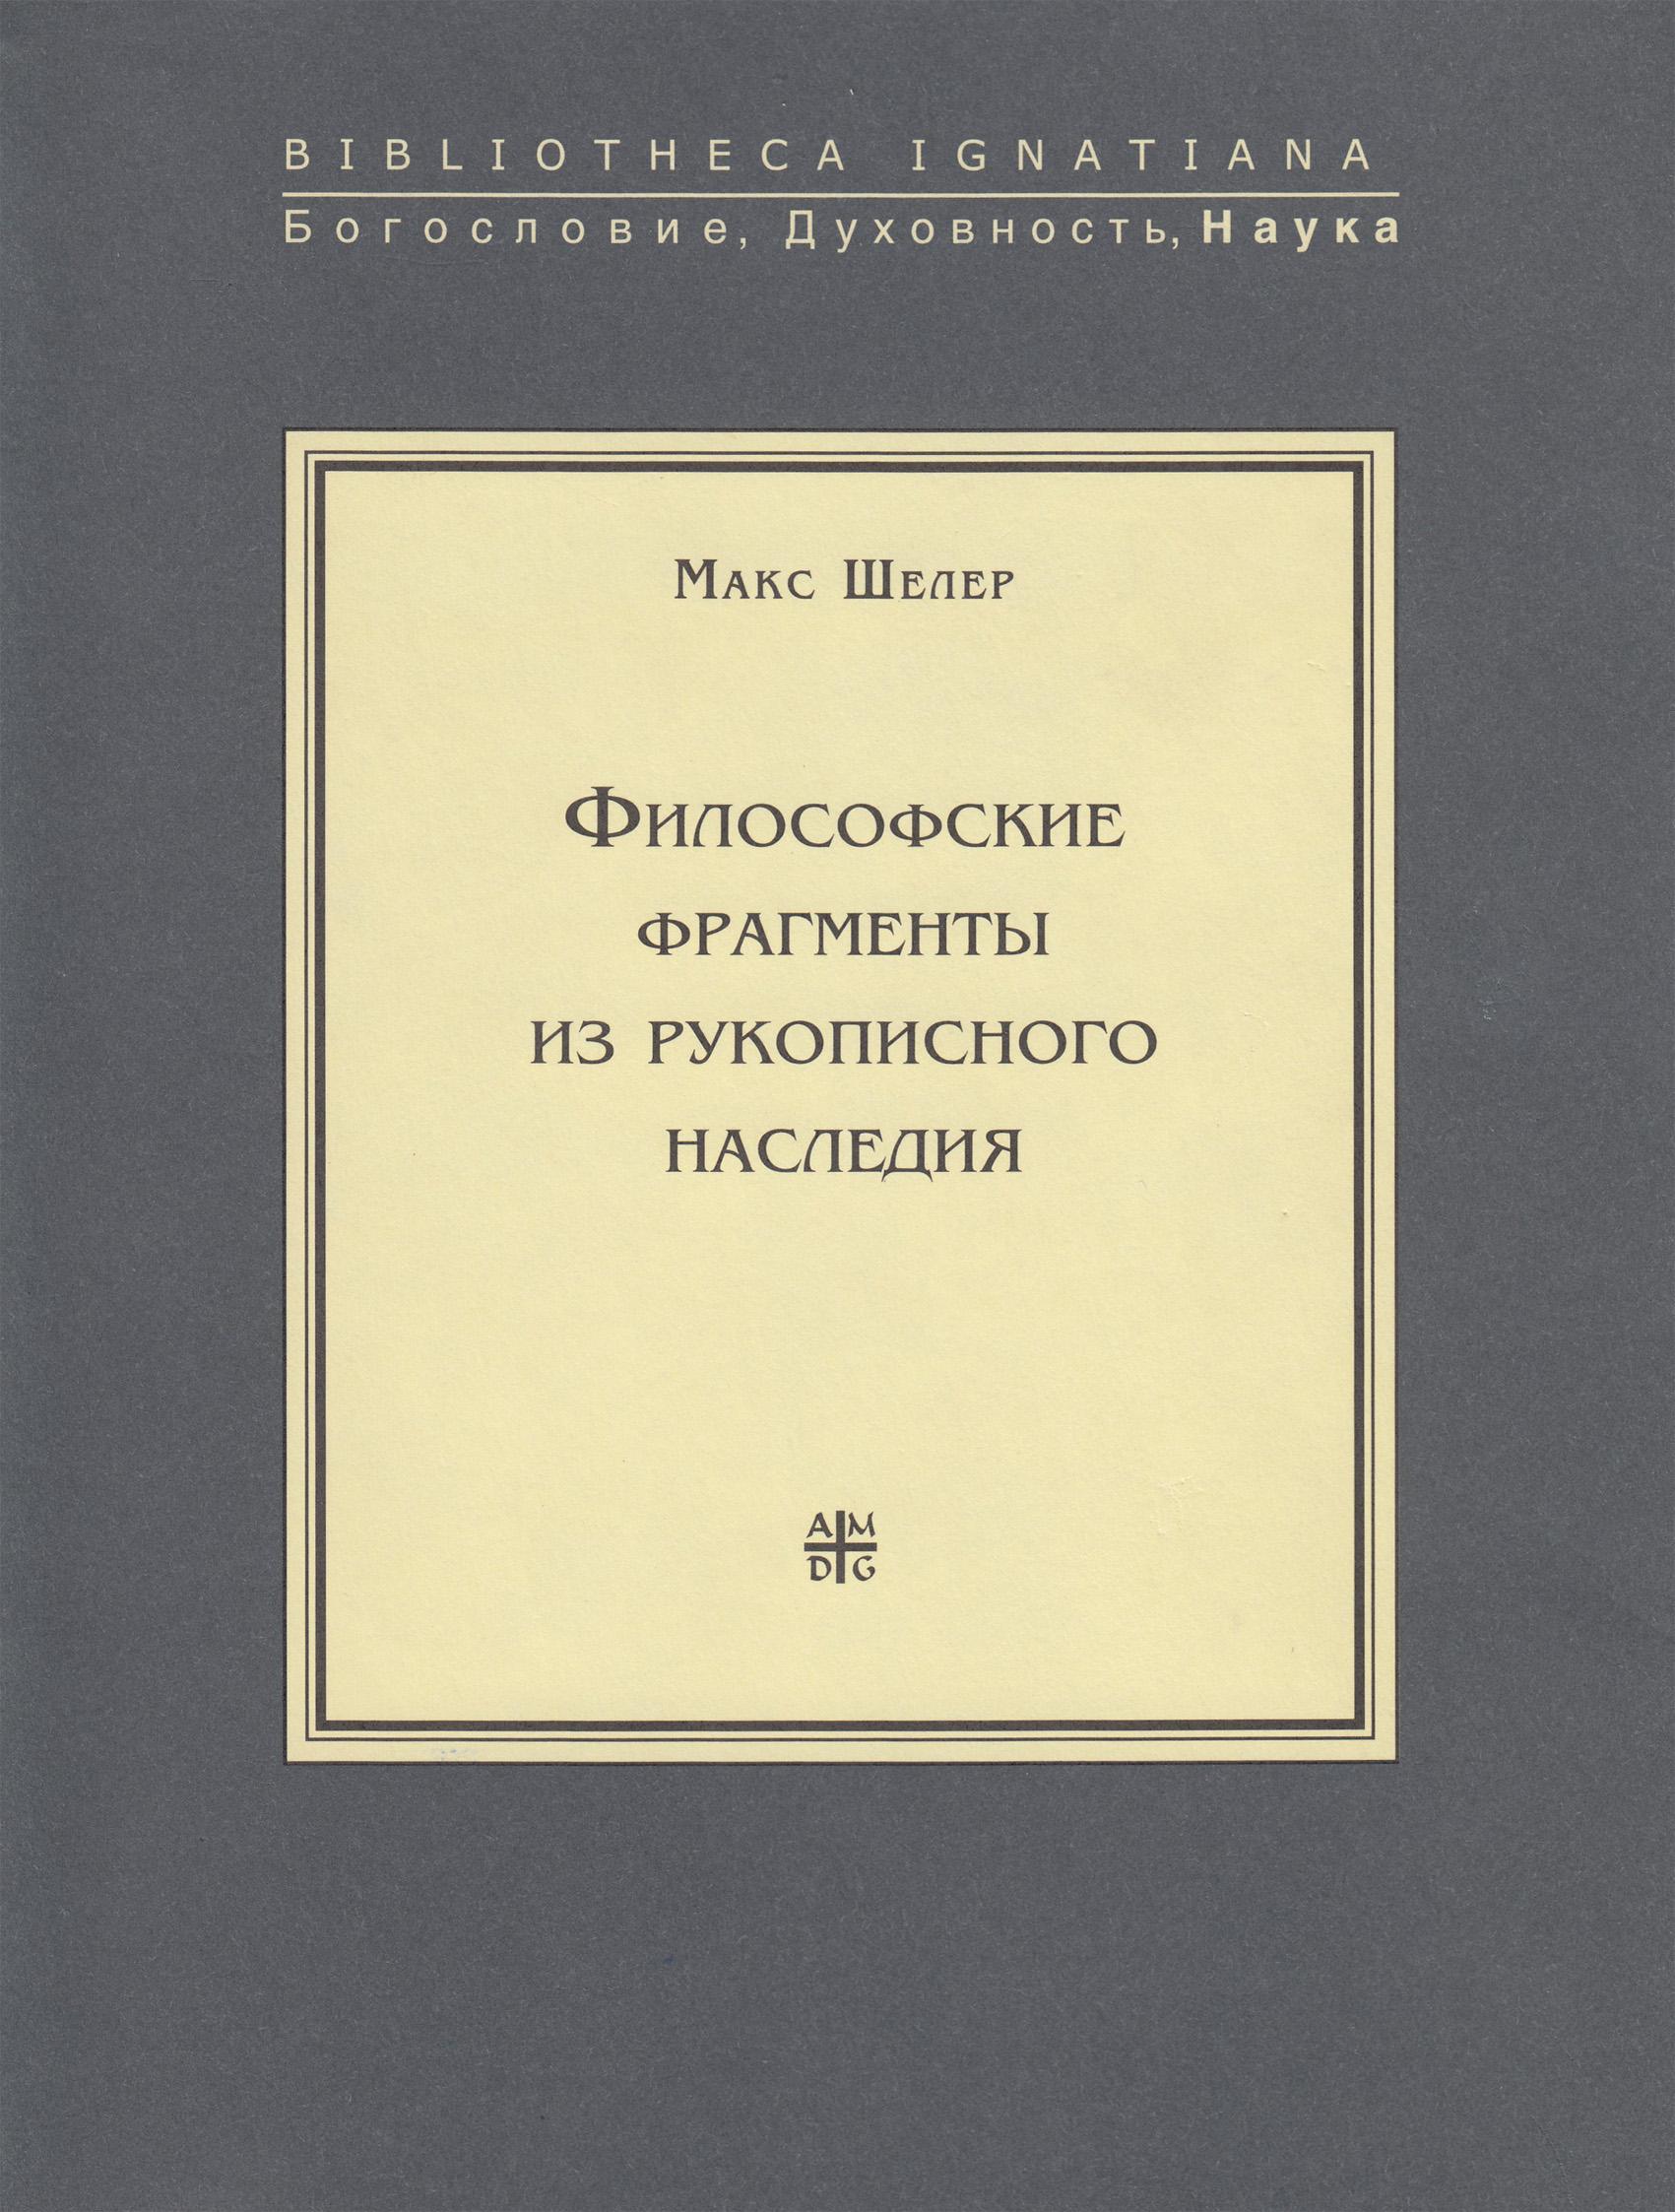 Макс Шелер Философские фрагменты из рукописного наследия